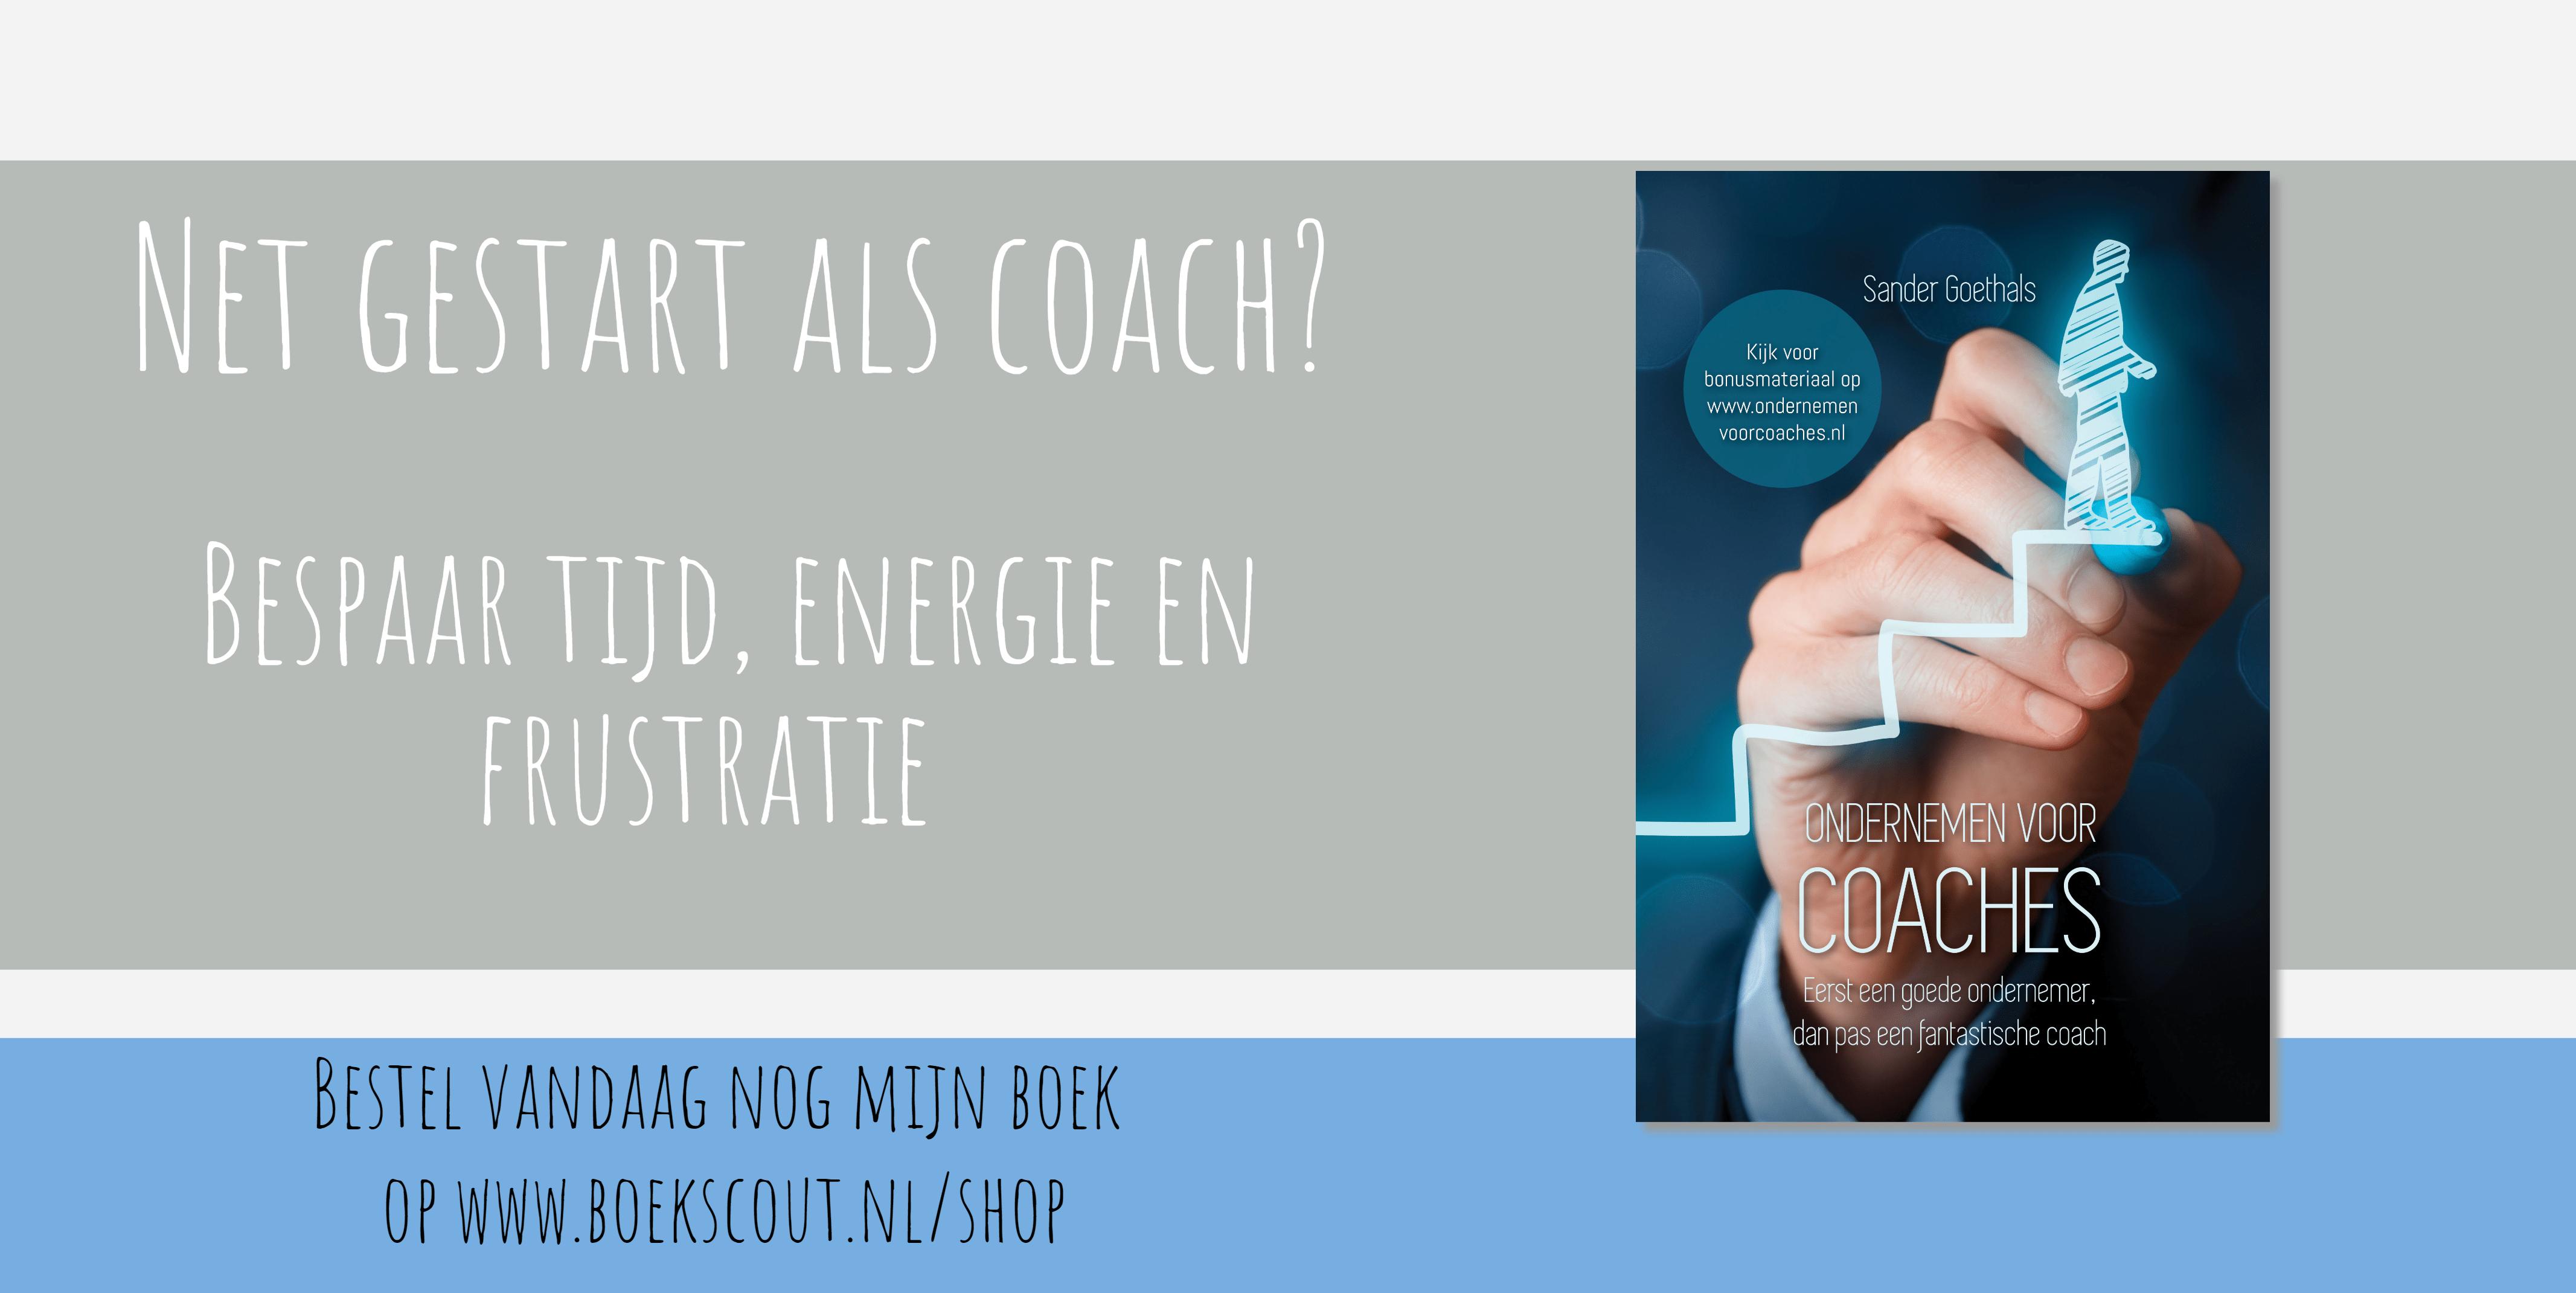 werken als coach